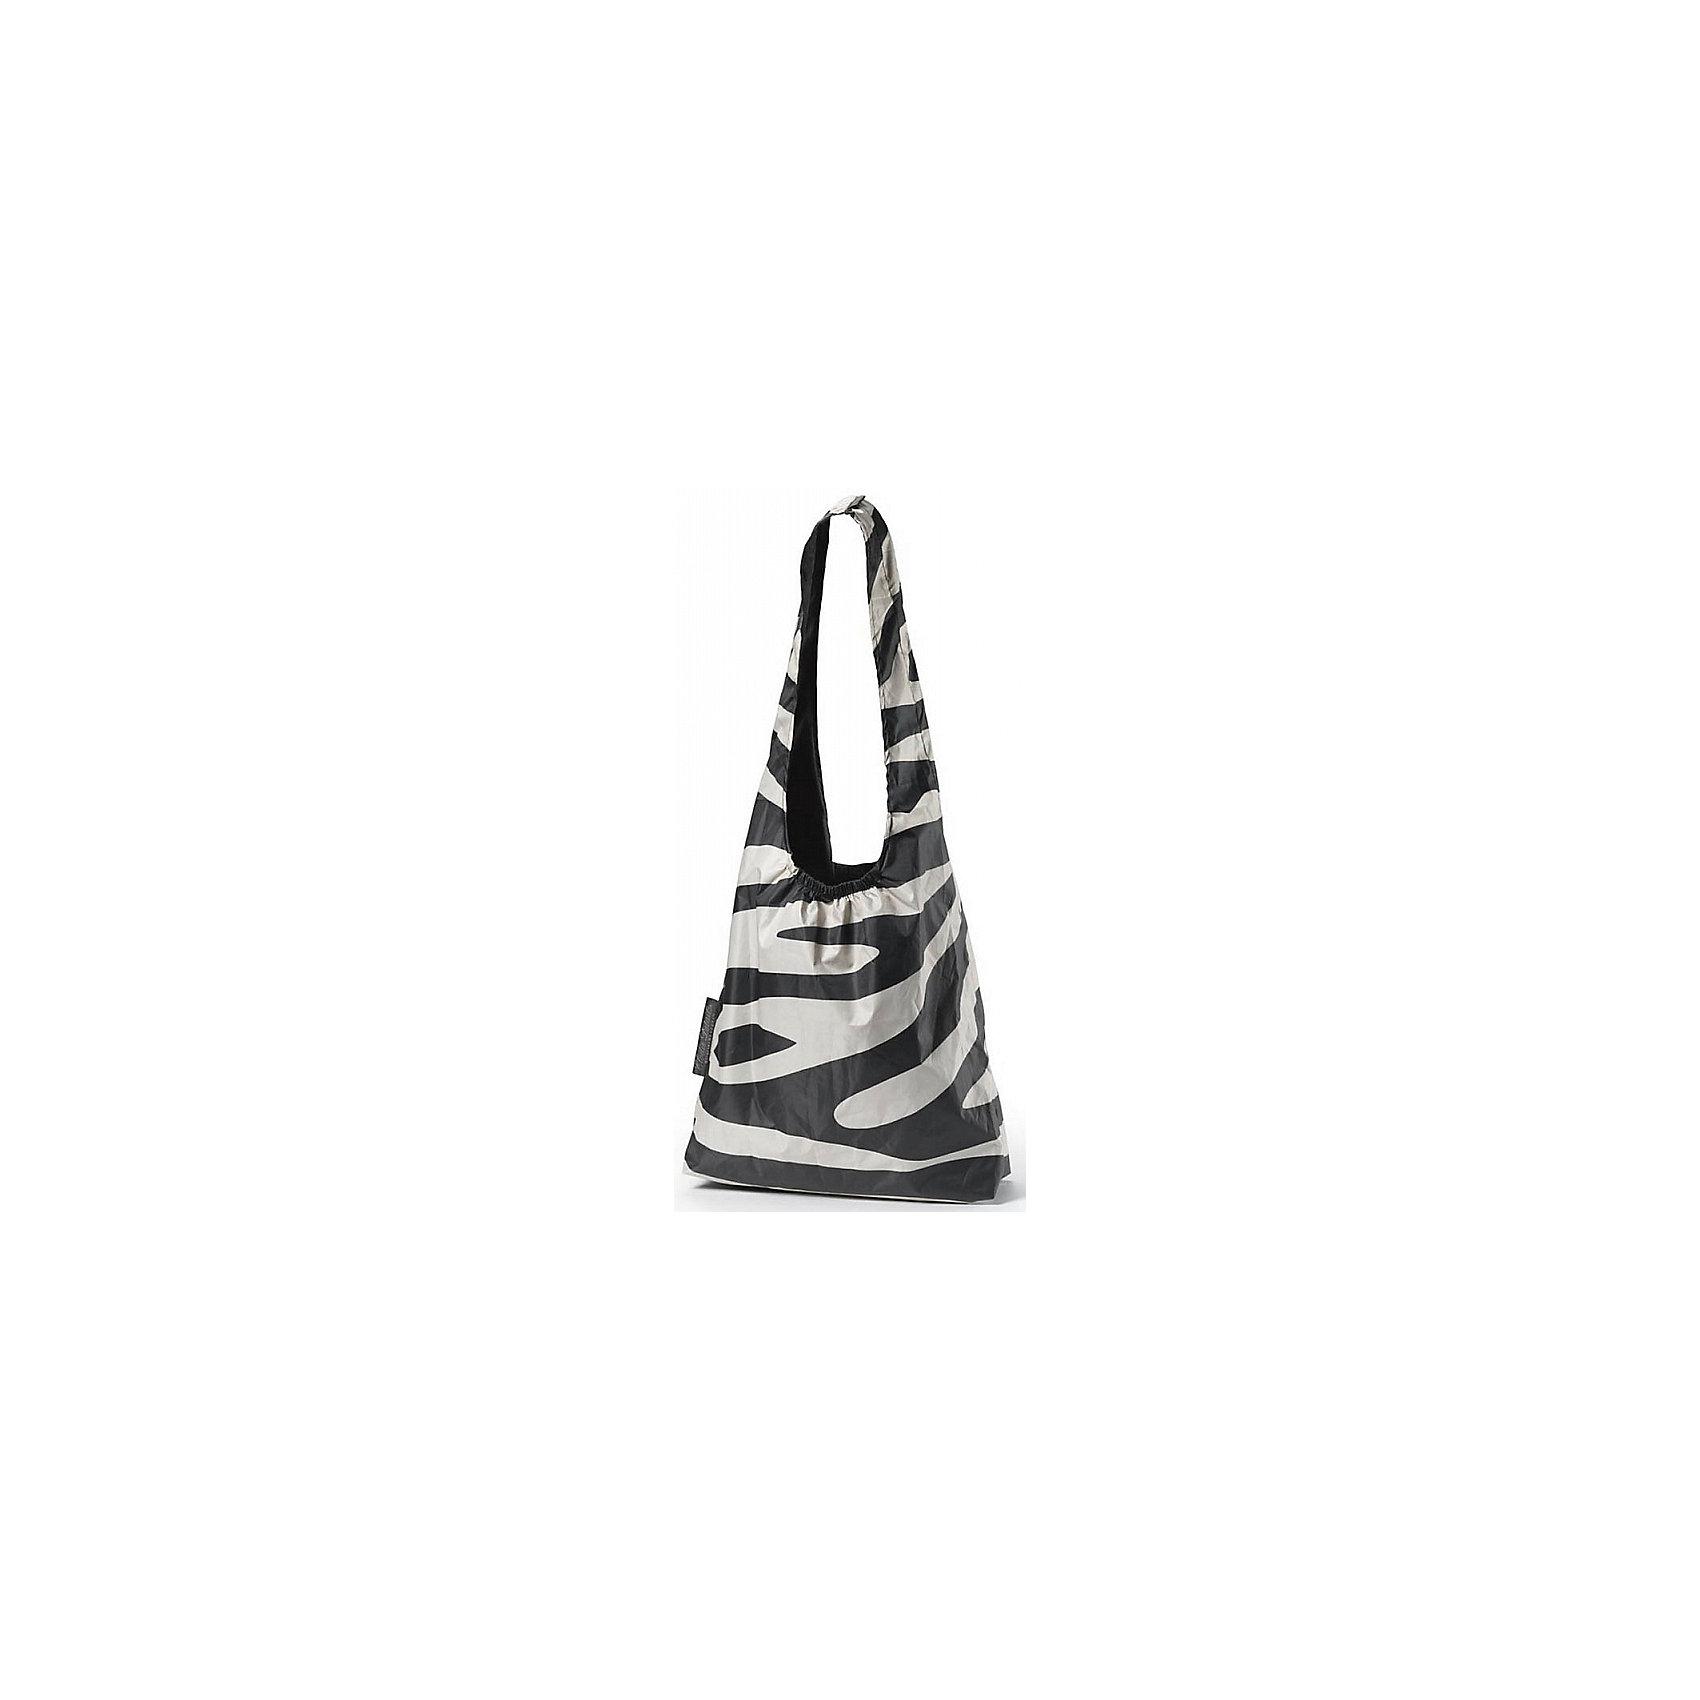 Сумка Zebra Sunshine Stroller Shopper, Elodie DetailsСумка Zebra Sunshine Stroller Shopper, Elodie Details (Элоди Дитейлс)<br><br>Характеристики:<br><br>• вместительная<br>• прочная<br>• можно носить на плече или прикрепить на коляску<br>• водоотталкивающая ткань<br>• стильный дизайн<br>• небольшой вес<br>• вес: 150 грамм<br><br>Каждая мама знает, как важно взять все необходимые вещи, которые могут понадобиться малышу на прогулке или в поликлинике. В сумку Zebra Sunshine Stroller Shopper поместится всё, что нужно: подгузники, салфетки, бутылочки, игрушки и даже фрукты для перекуса. Внутри есть специальный карман на молнии, предназначенный для подгузников и салфеток. Всё остальное пространство сумки находится в вашем распоряжении. Сумку удобно носить на плече или прикрепить к ручке коляски. Модель имеет водоотталкивающий материал, неприхотливый в уходе. Если вы запачкали сумку, достаточно промокнуть ее тканью с небольшим количеством моющего средства. Эта сумка - лучший выбор для практичных и стильных мам!<br><br>Сумка Zebra Sunshine Stroller Shopper, Elodie Details (Элоди Дитейлс) вы можете купить в нашем интернет-магазине.<br><br>Ширина мм: 290<br>Глубина мм: 10<br>Высота мм: 290<br>Вес г: 150<br>Возраст от месяцев: 0<br>Возраст до месяцев: 36<br>Пол: Женский<br>Возраст: Детский<br>SKU: 4887740